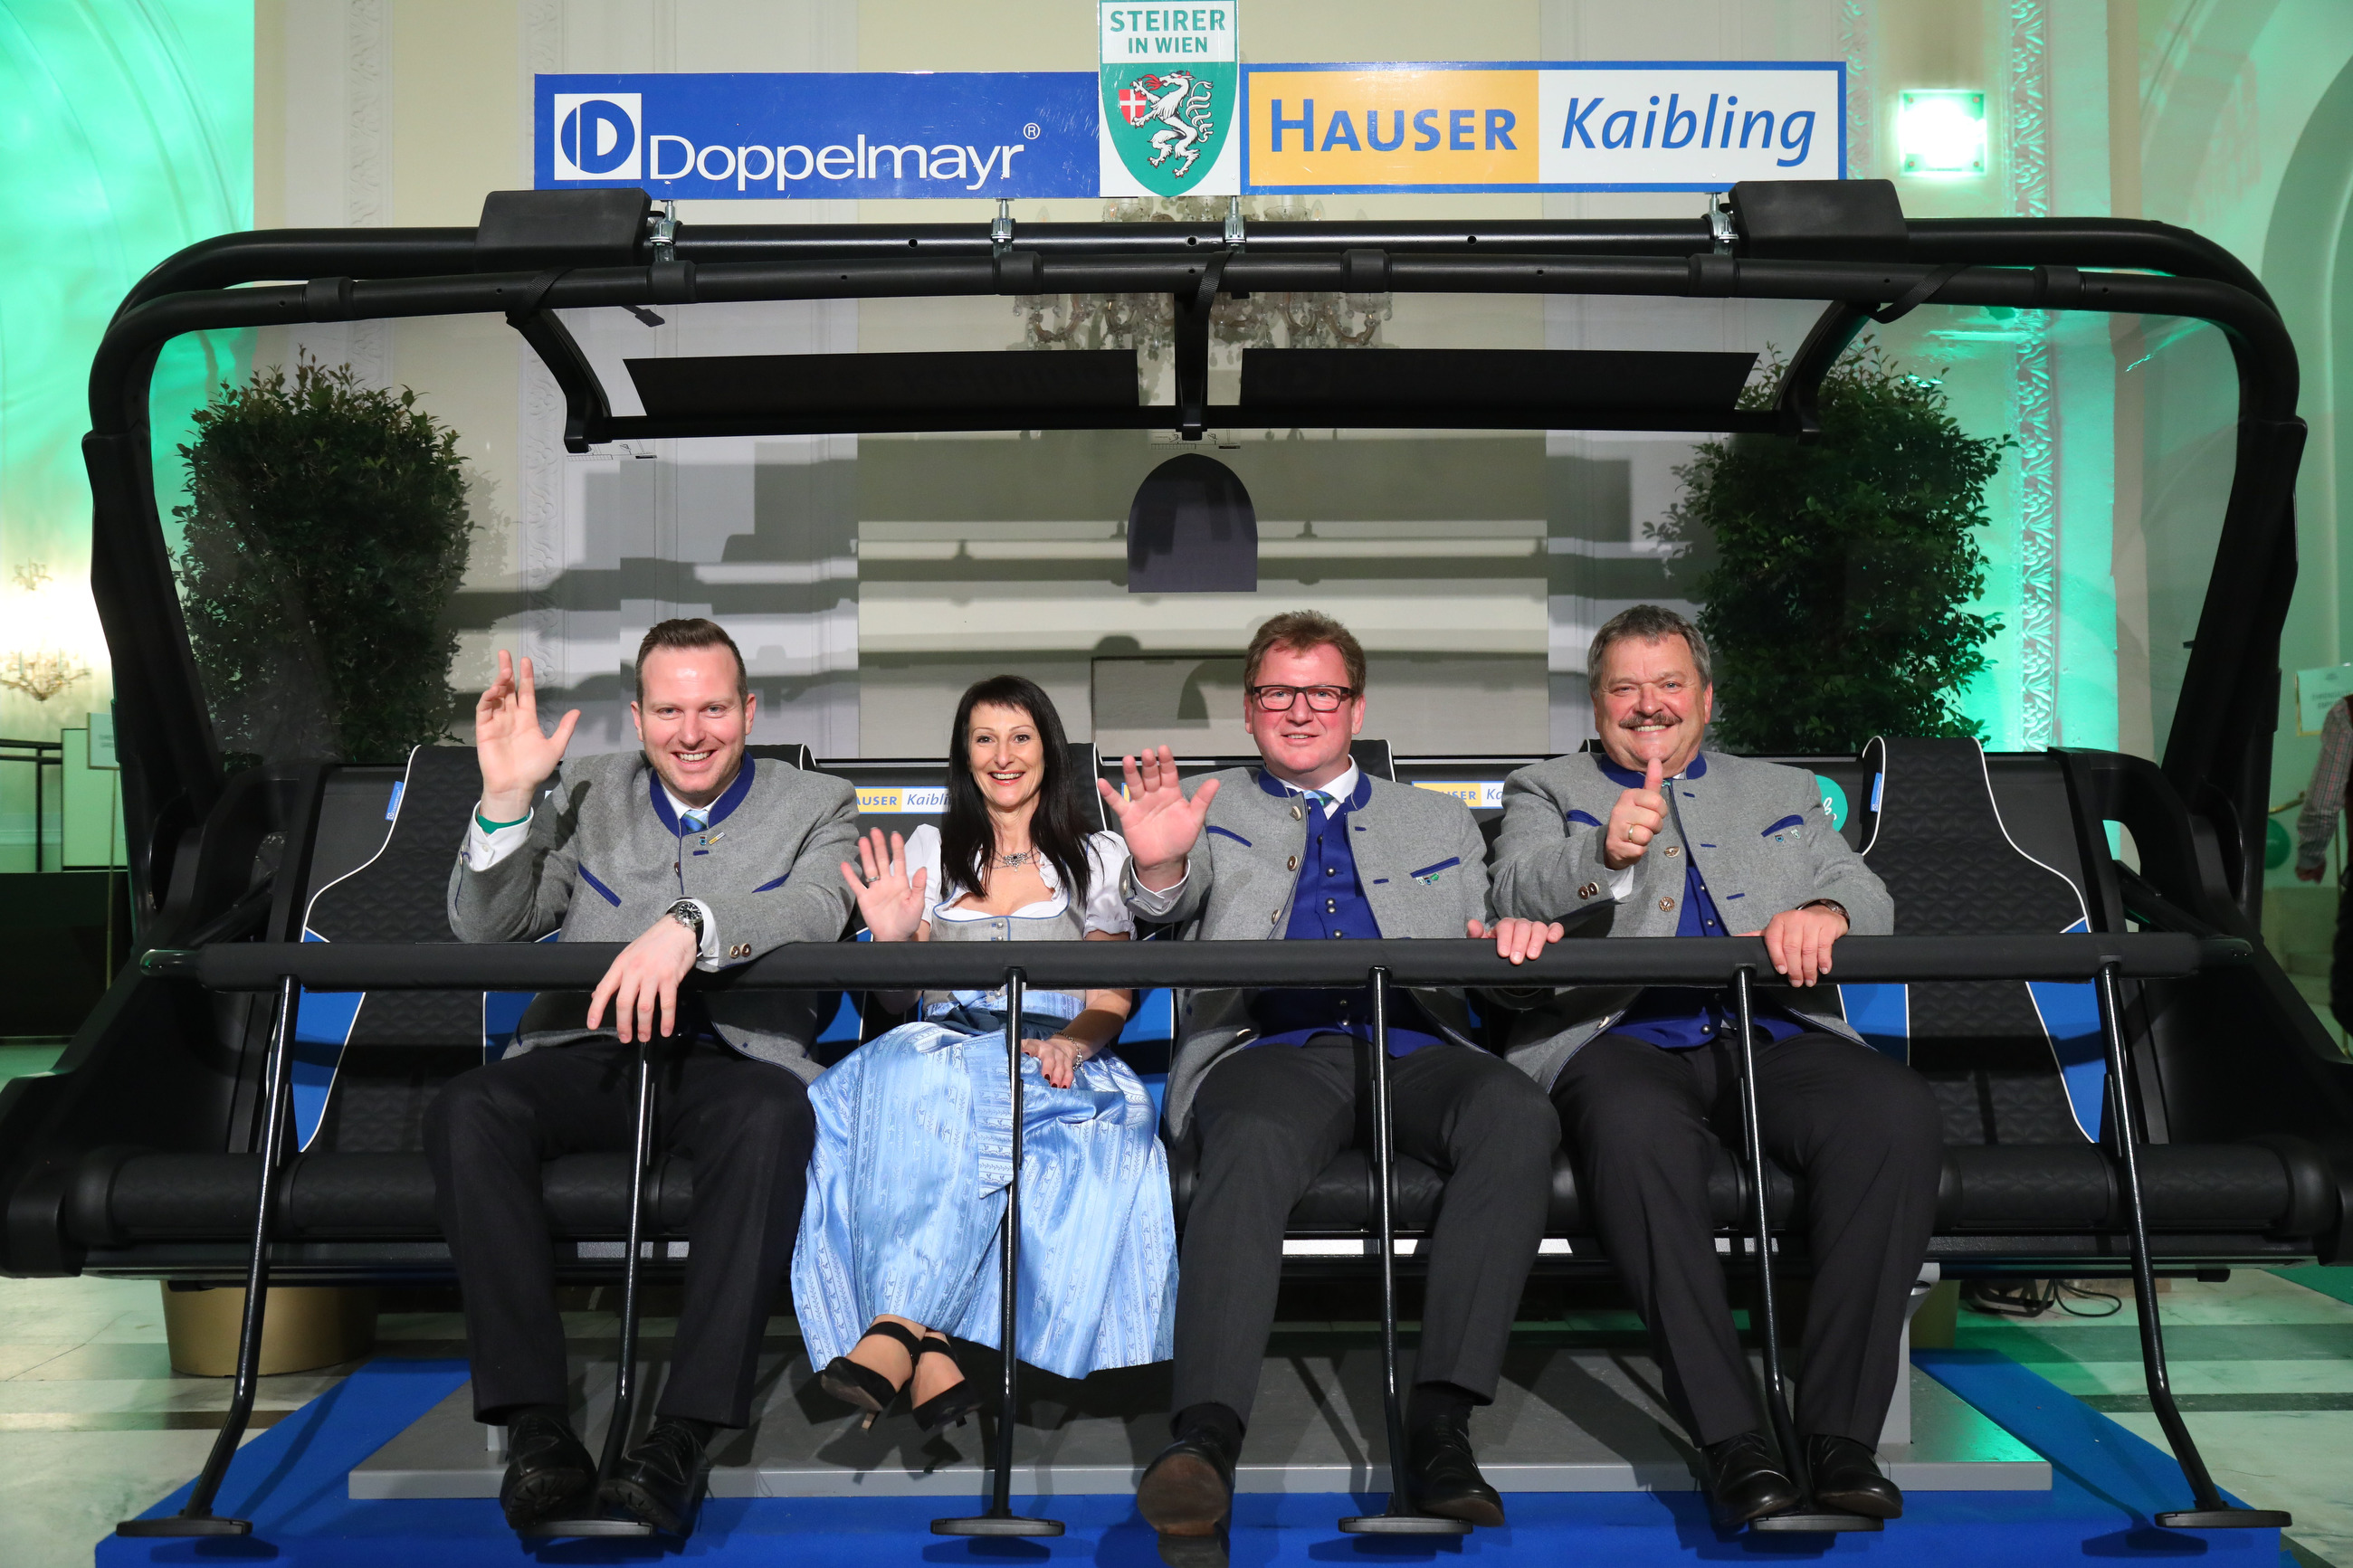 Verein der Steirer Steirerball 2018, Eventorganisation by KOOP Live Marketing Eventagentur in Wien